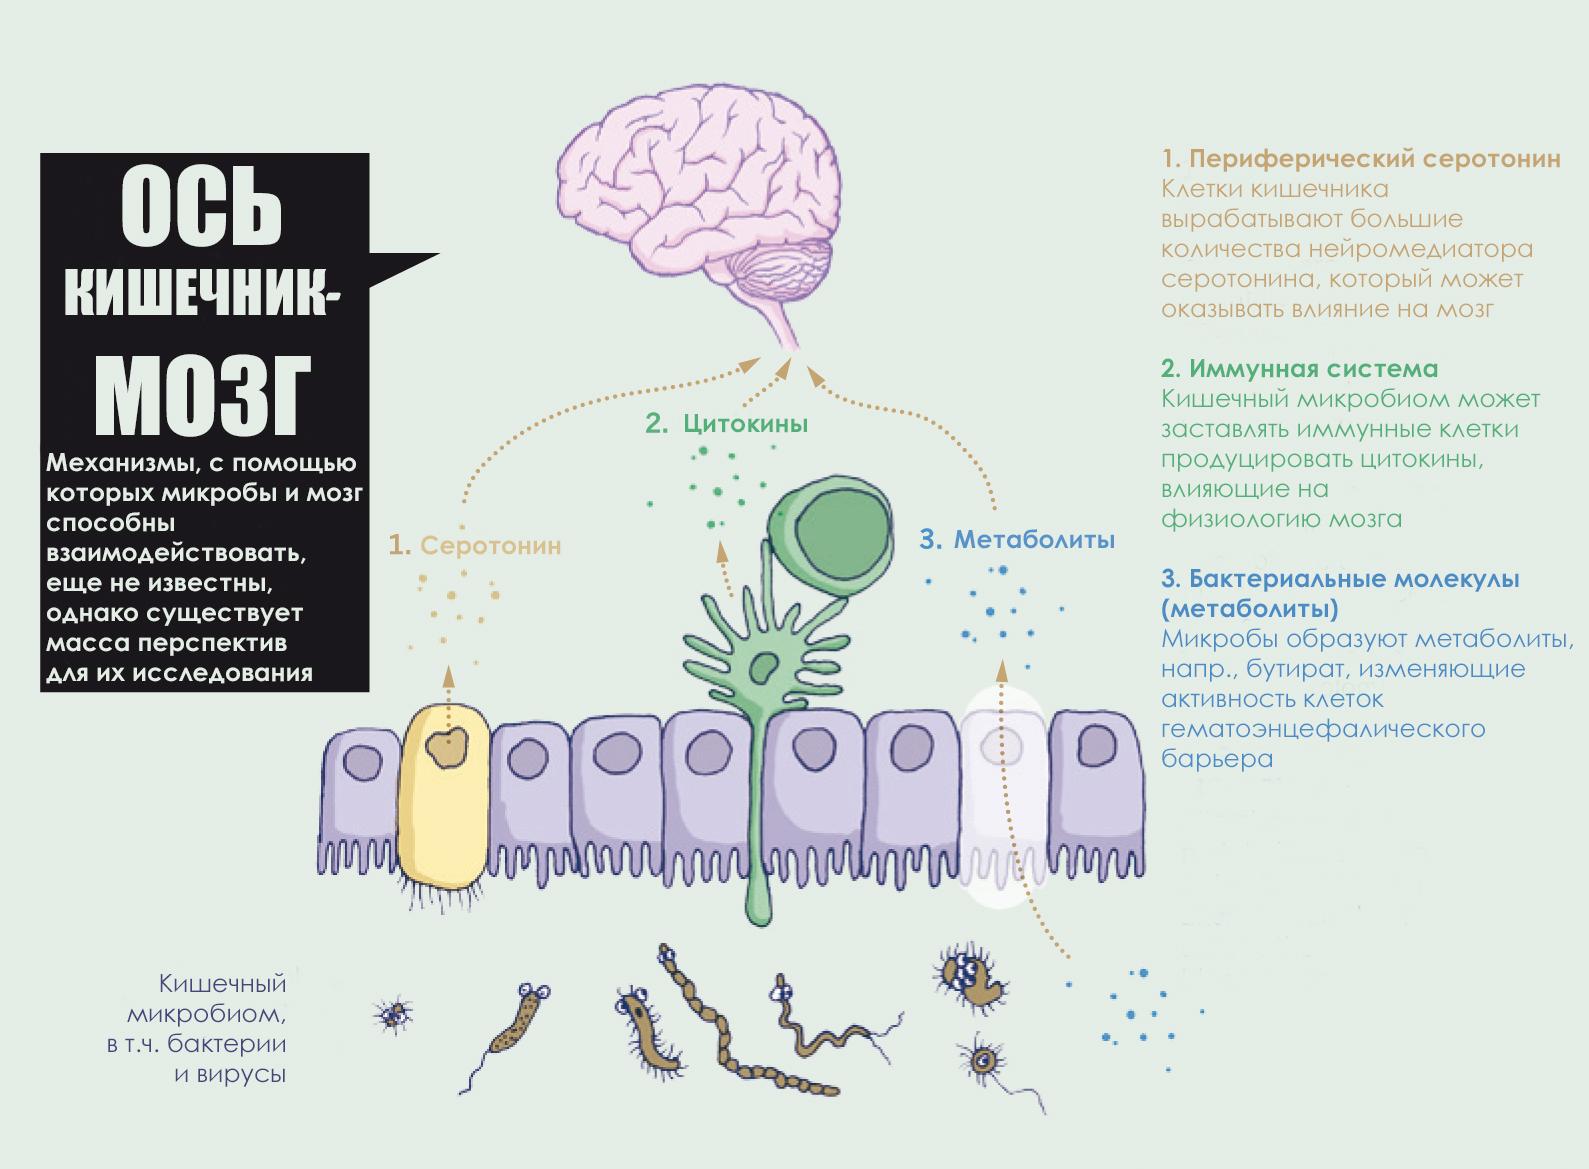 появляются паразиты в организме человека